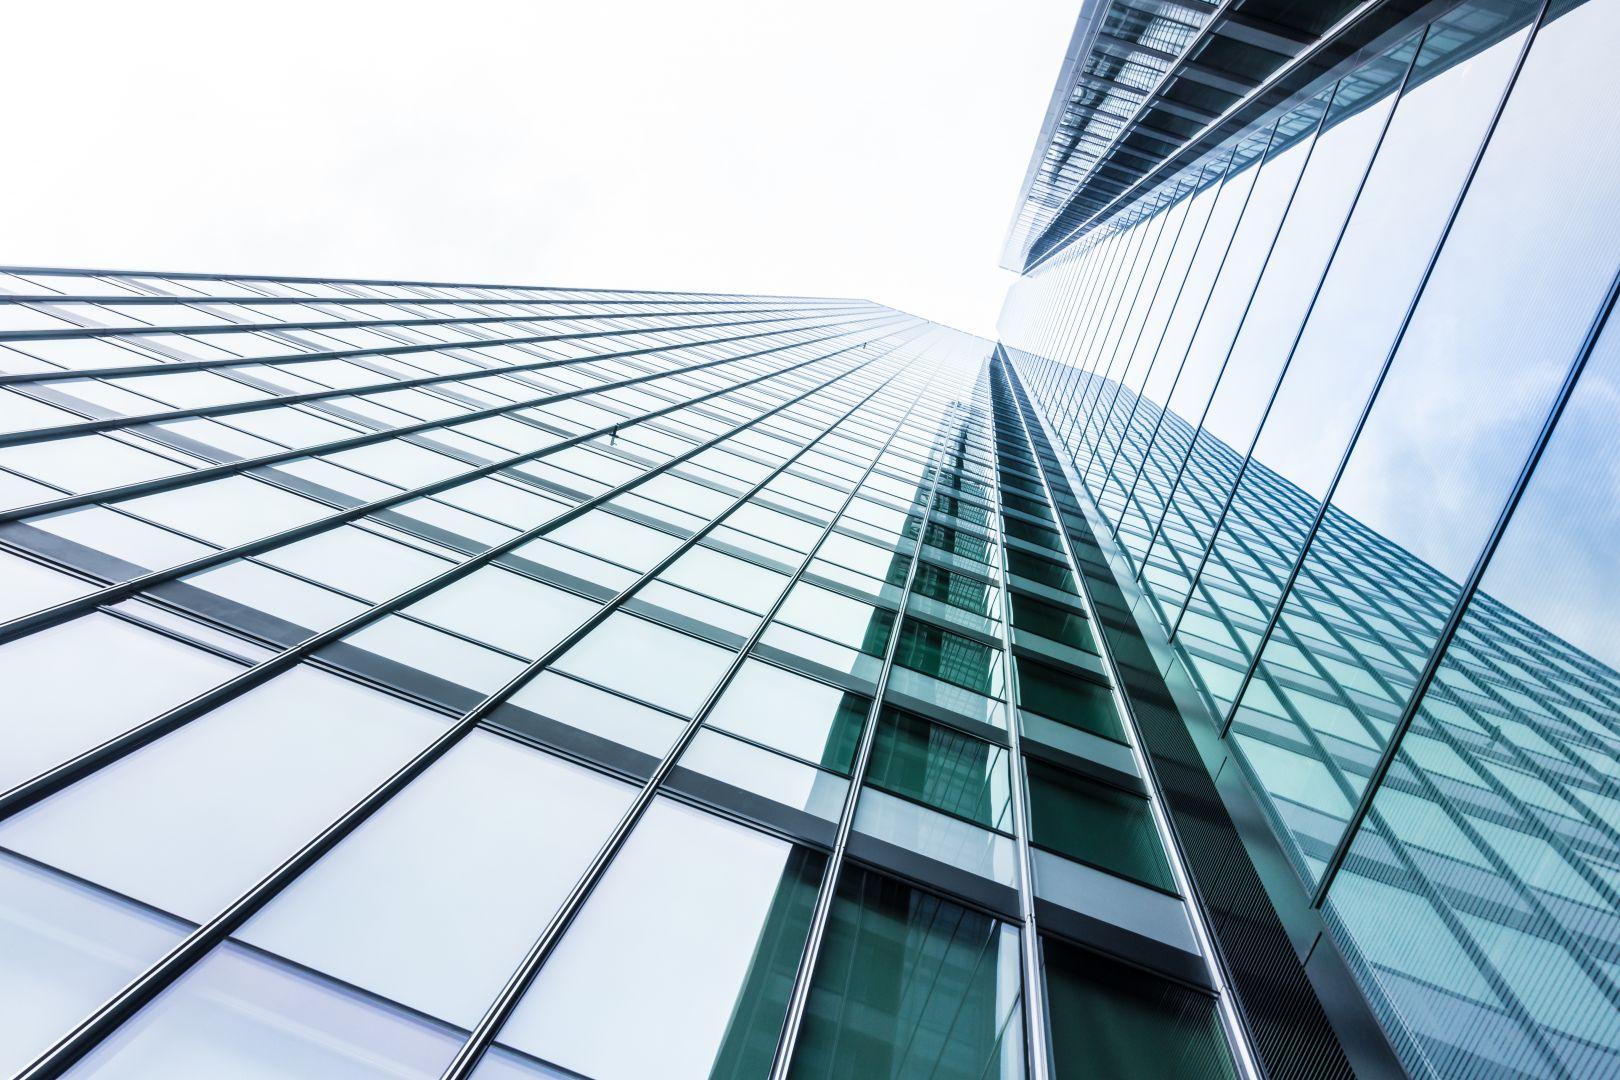 Le marché de l'investissement en immobilier d'entreprise devrait conserver une très bonne dynamique en 2019